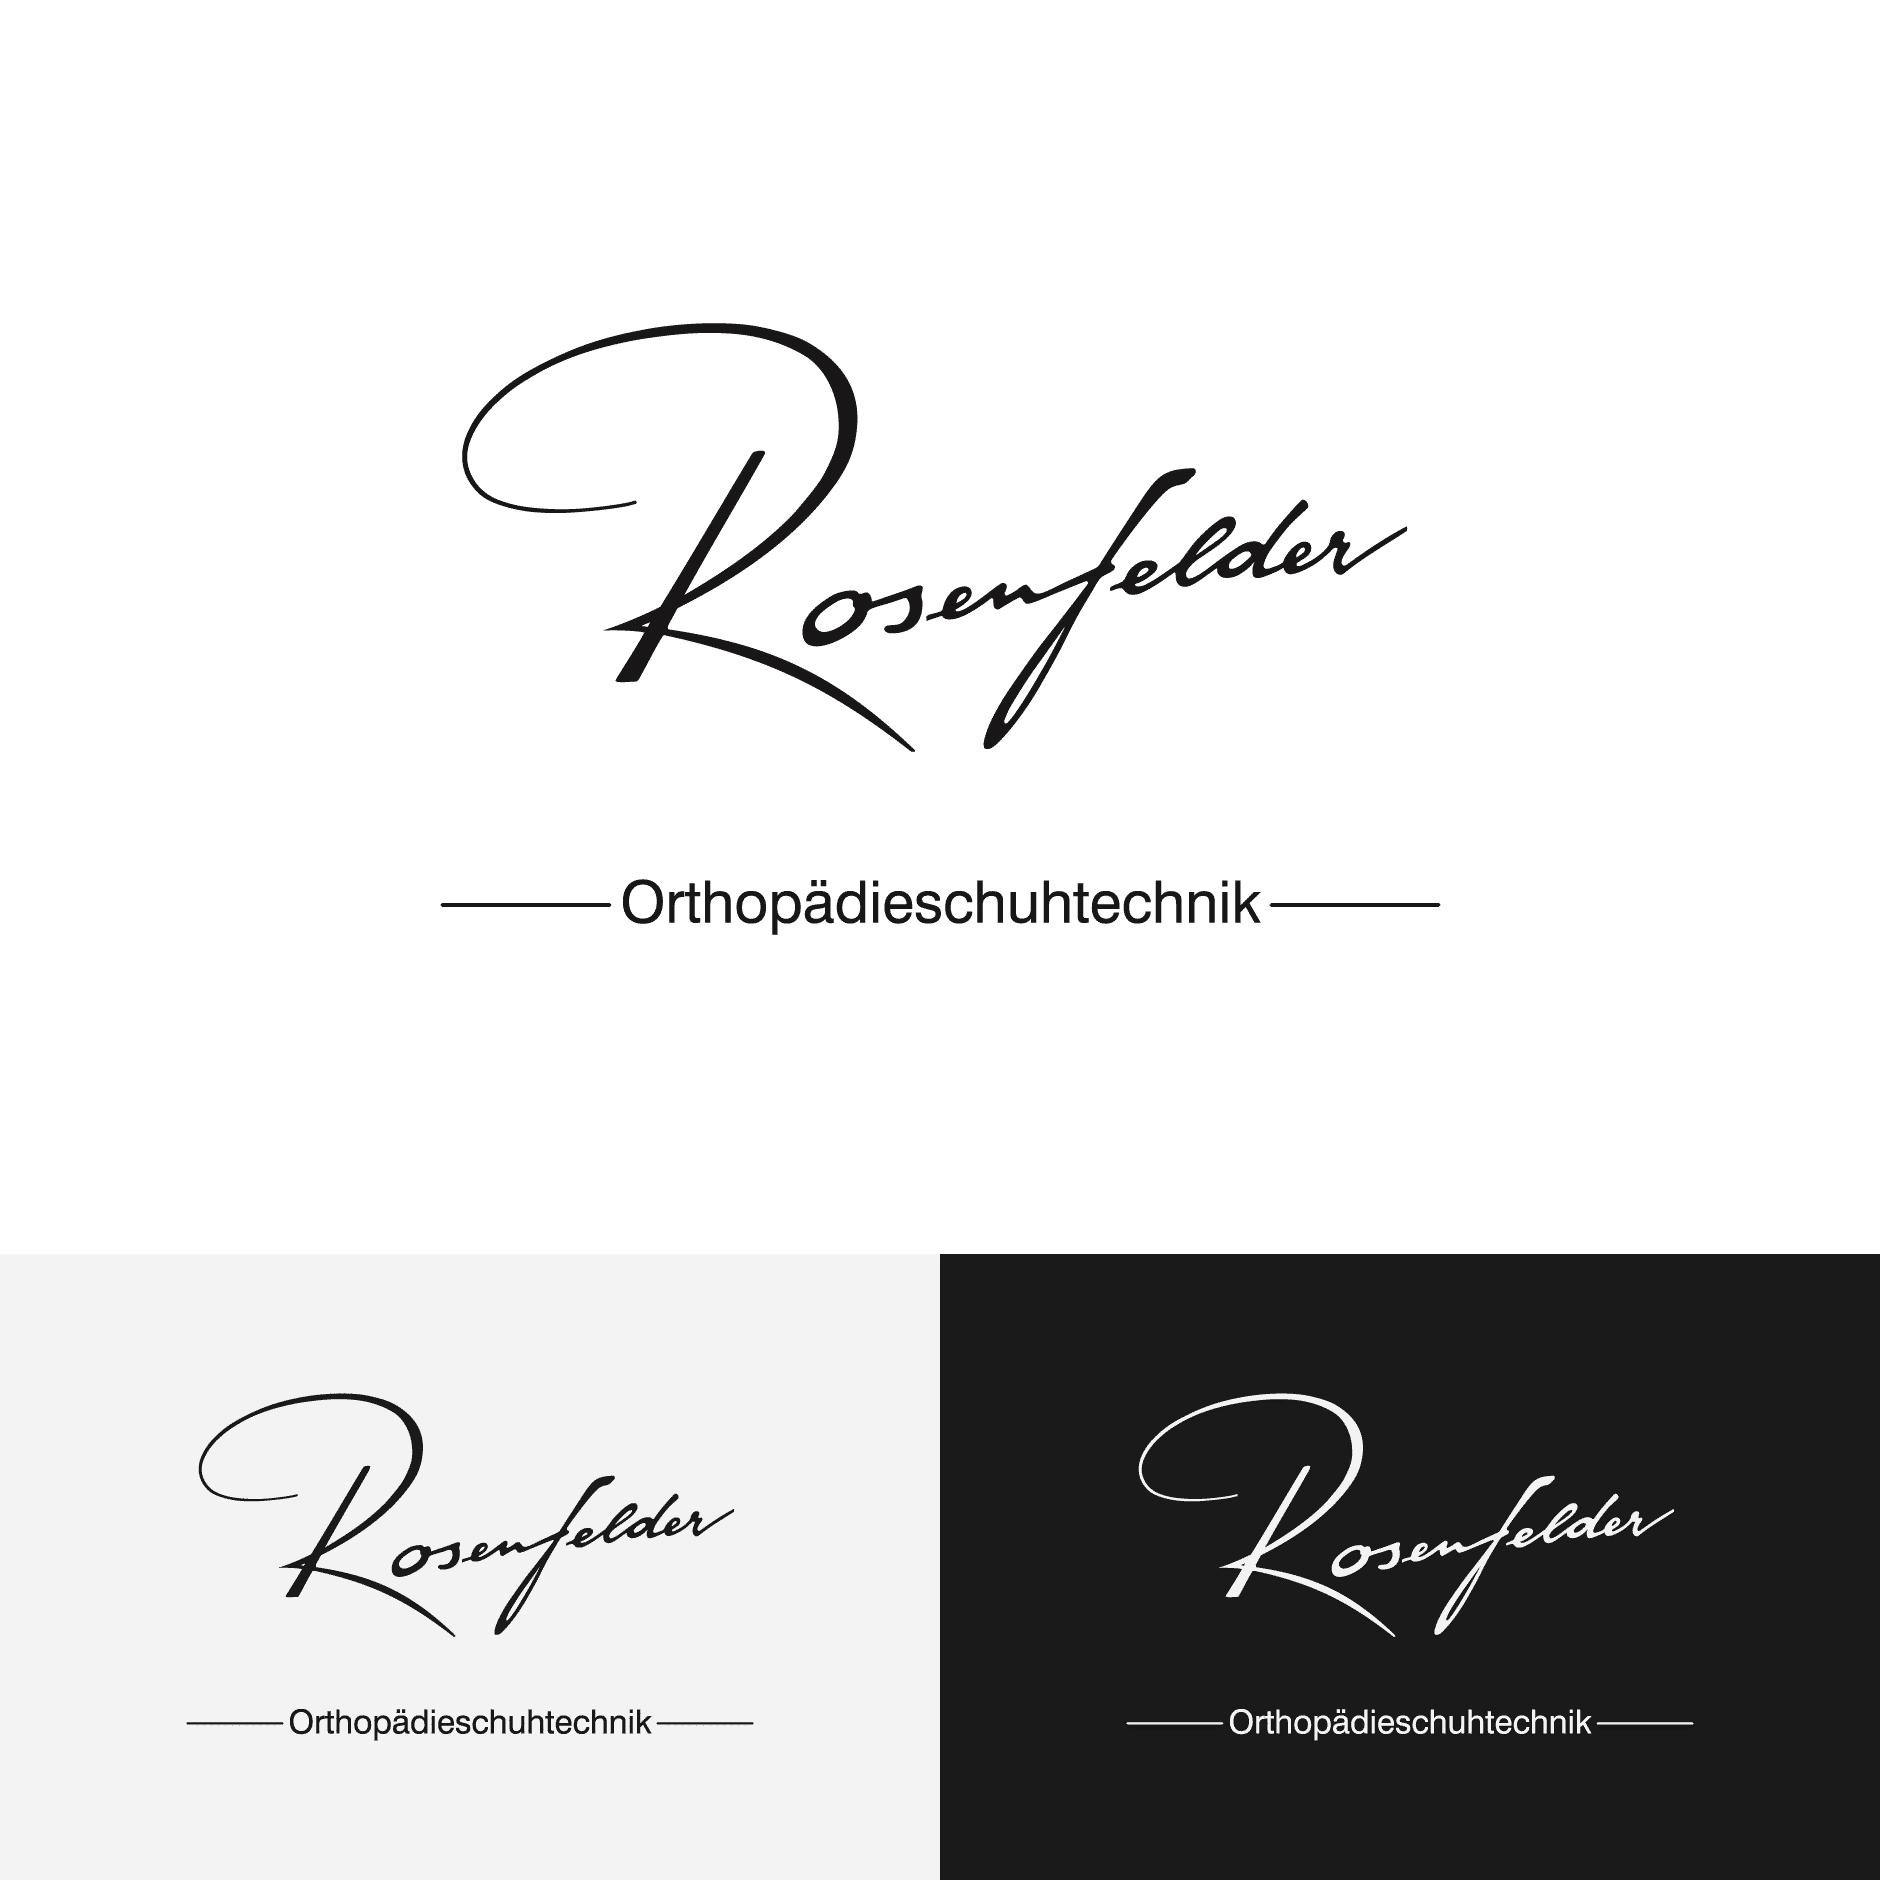 Logo Redesign Rosenfelder